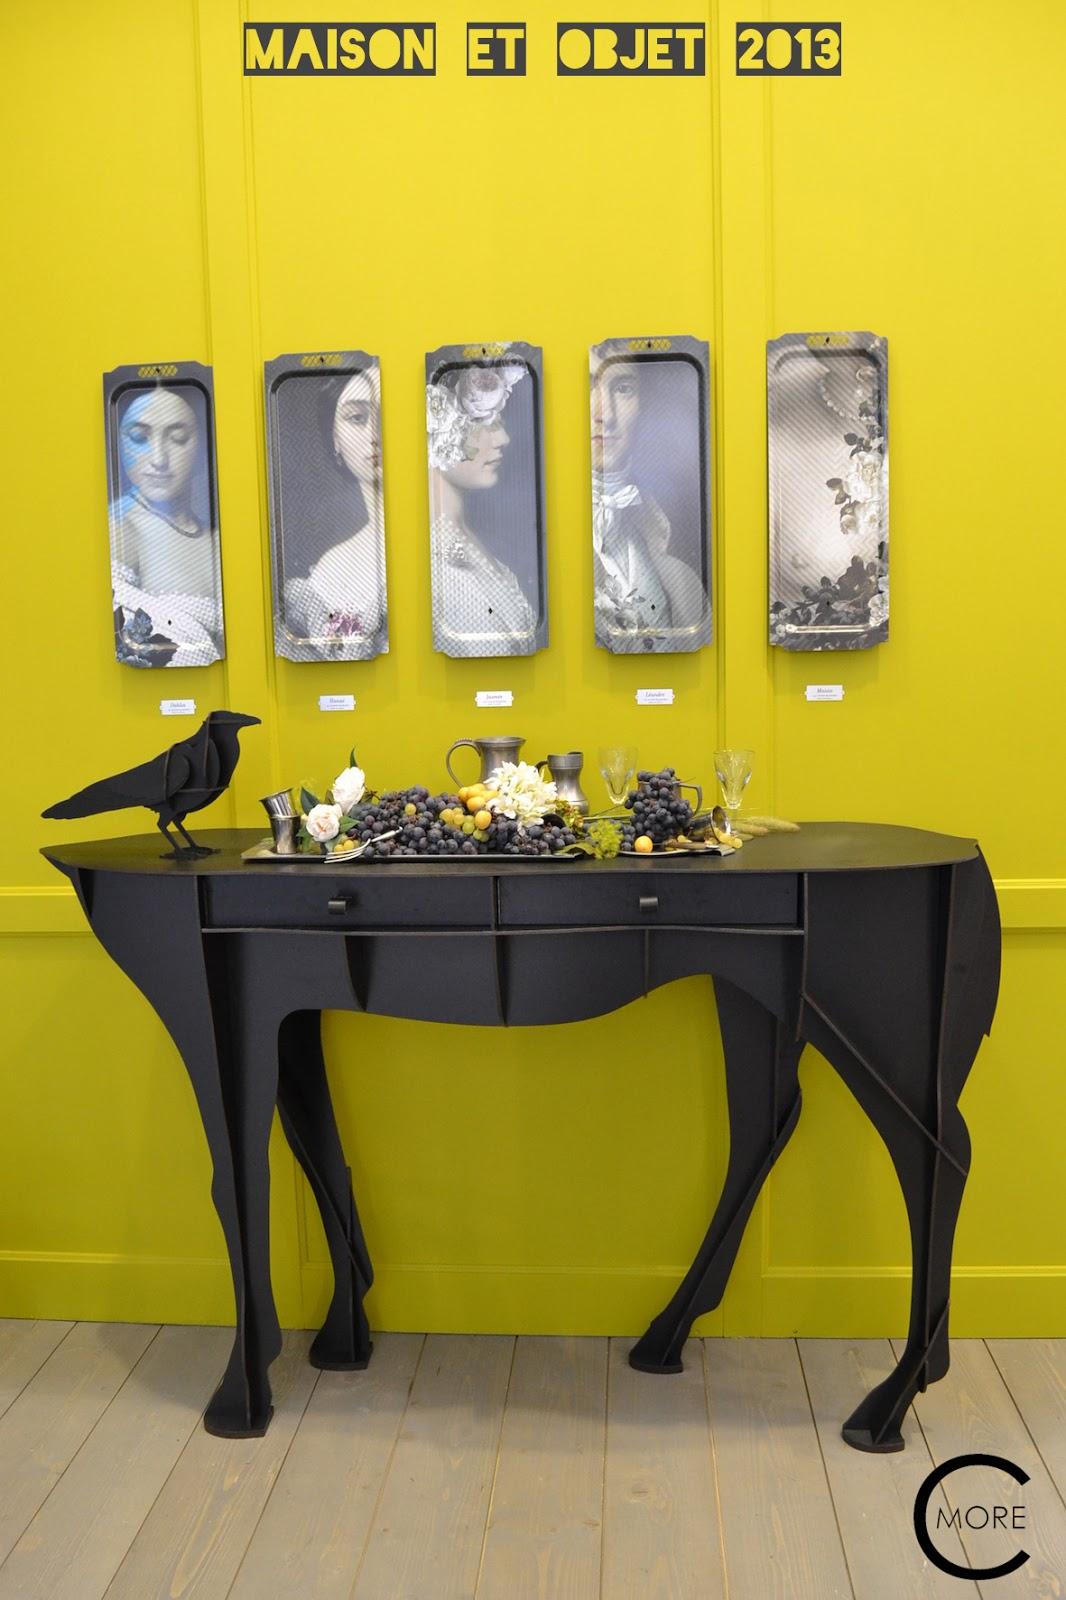 C more interieuradvies blog interior and design blog high for Maison et objet paris